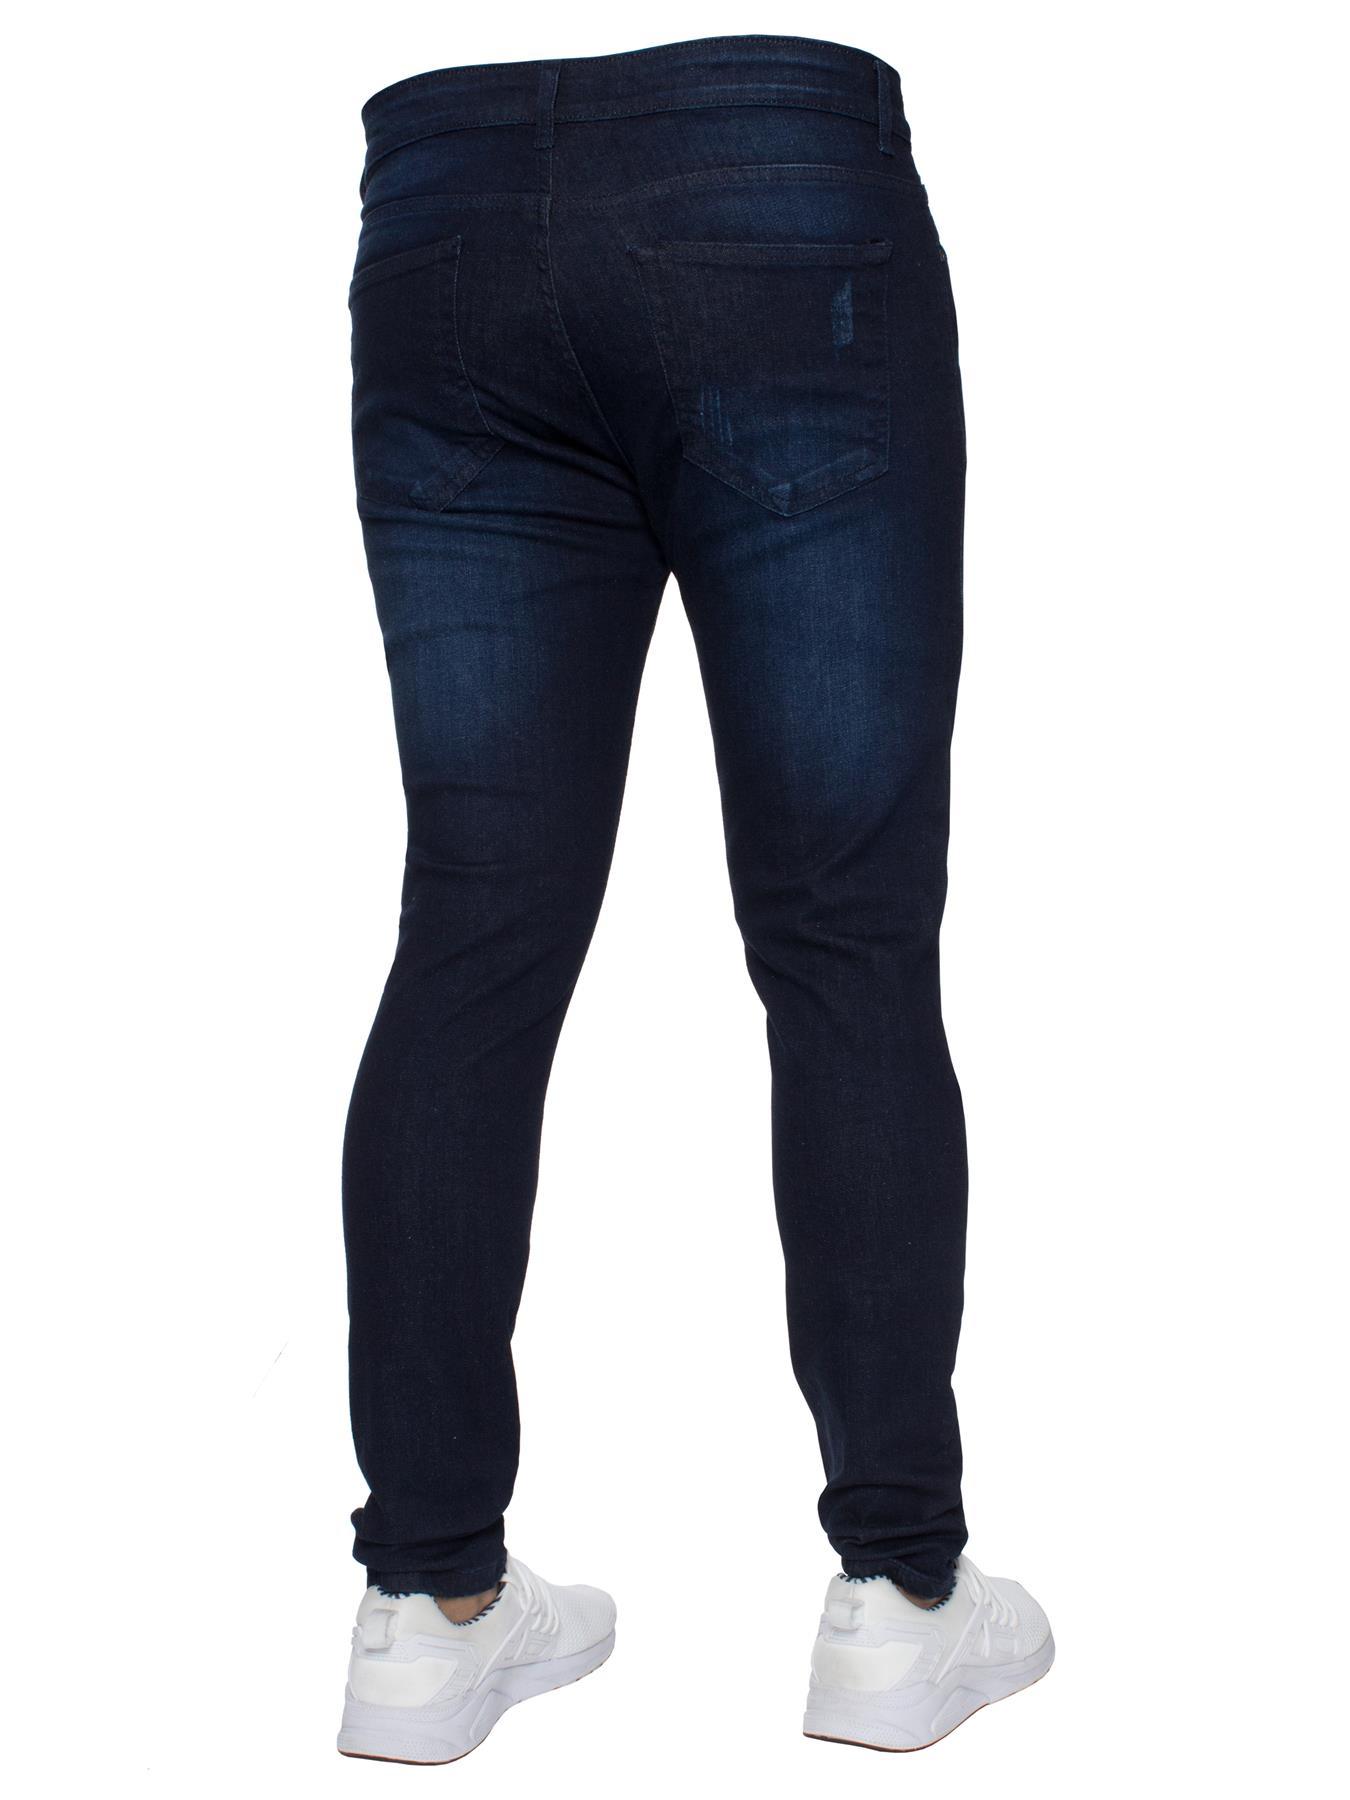 Para-hombre-Super-Skinny-Ripped-Jeans-Pantalones-Ajustados-desgastados-Denim-Envejecido-Todas miniatura 8